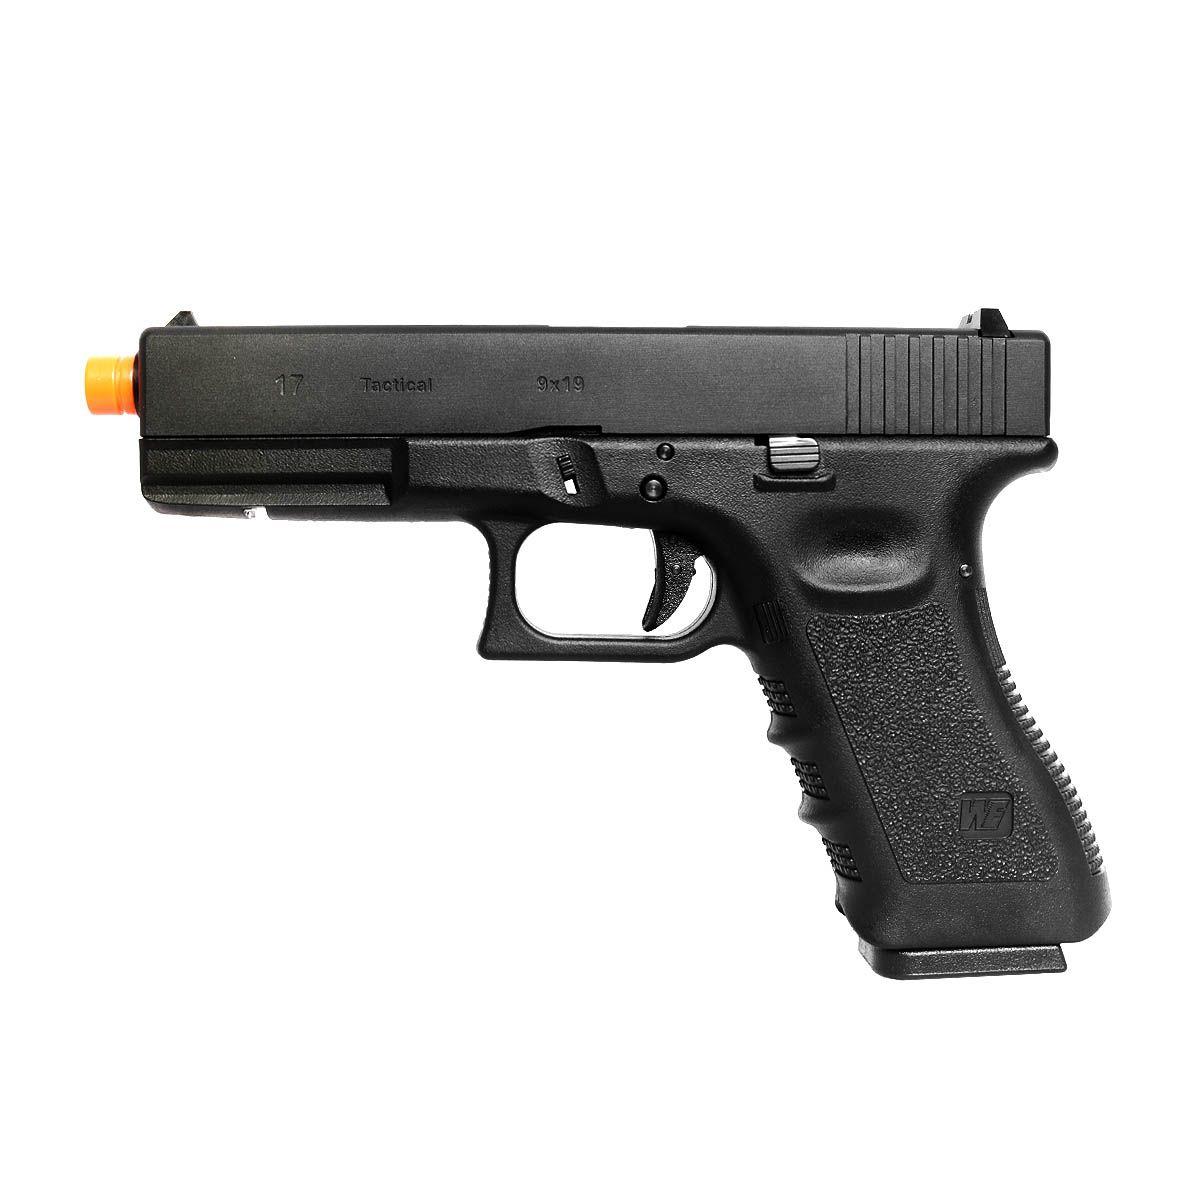 Pistola Airsoft WE Glock G17 Gen4